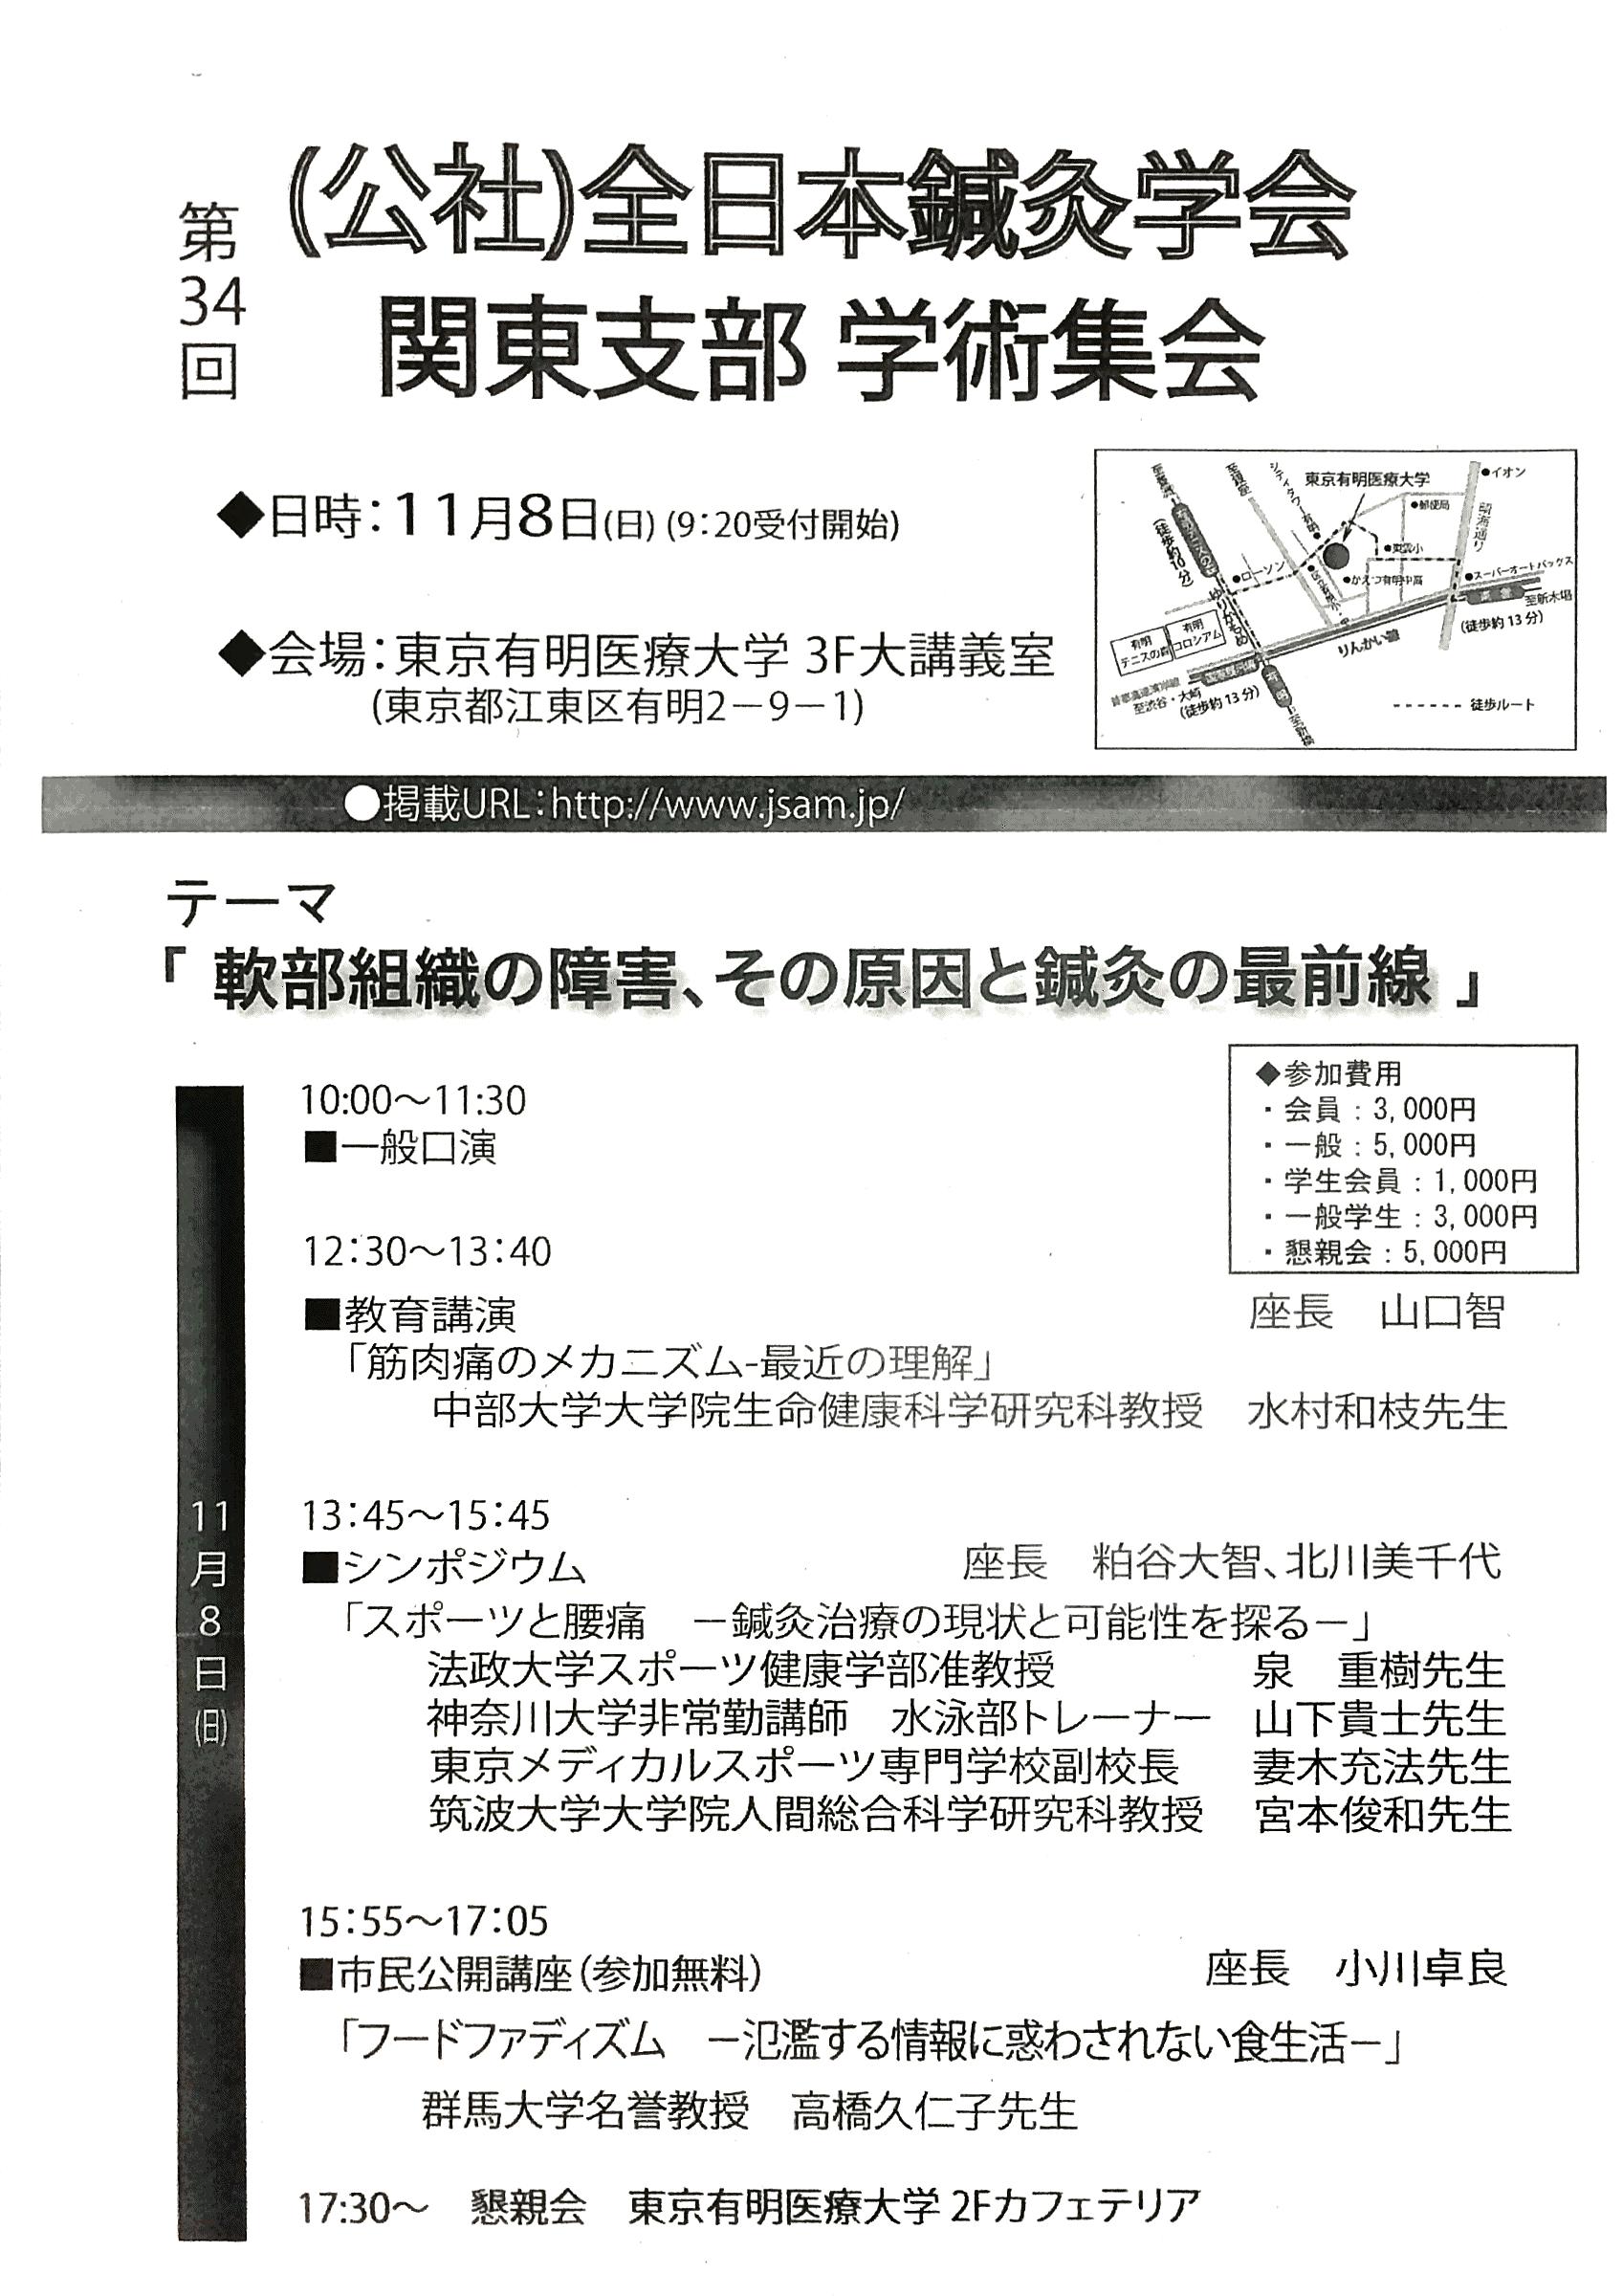 全日本鍼灸学会:認定鍼灸師:スポーツと腰痛:筋肉痛のメカニズム